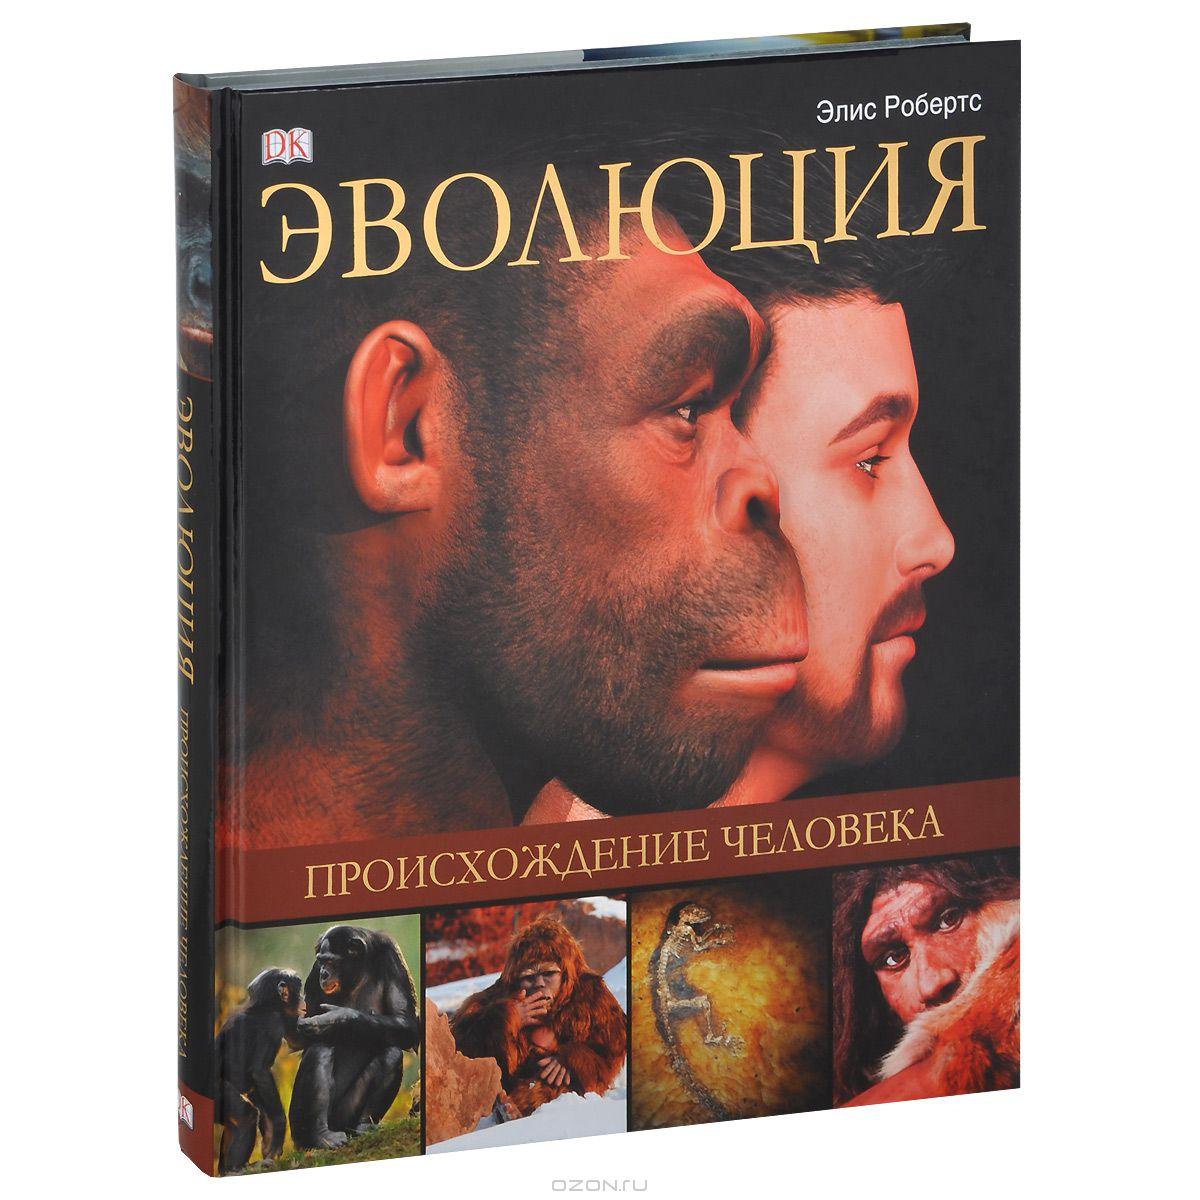 книга происхождение человека эволюция элис робертс скачать